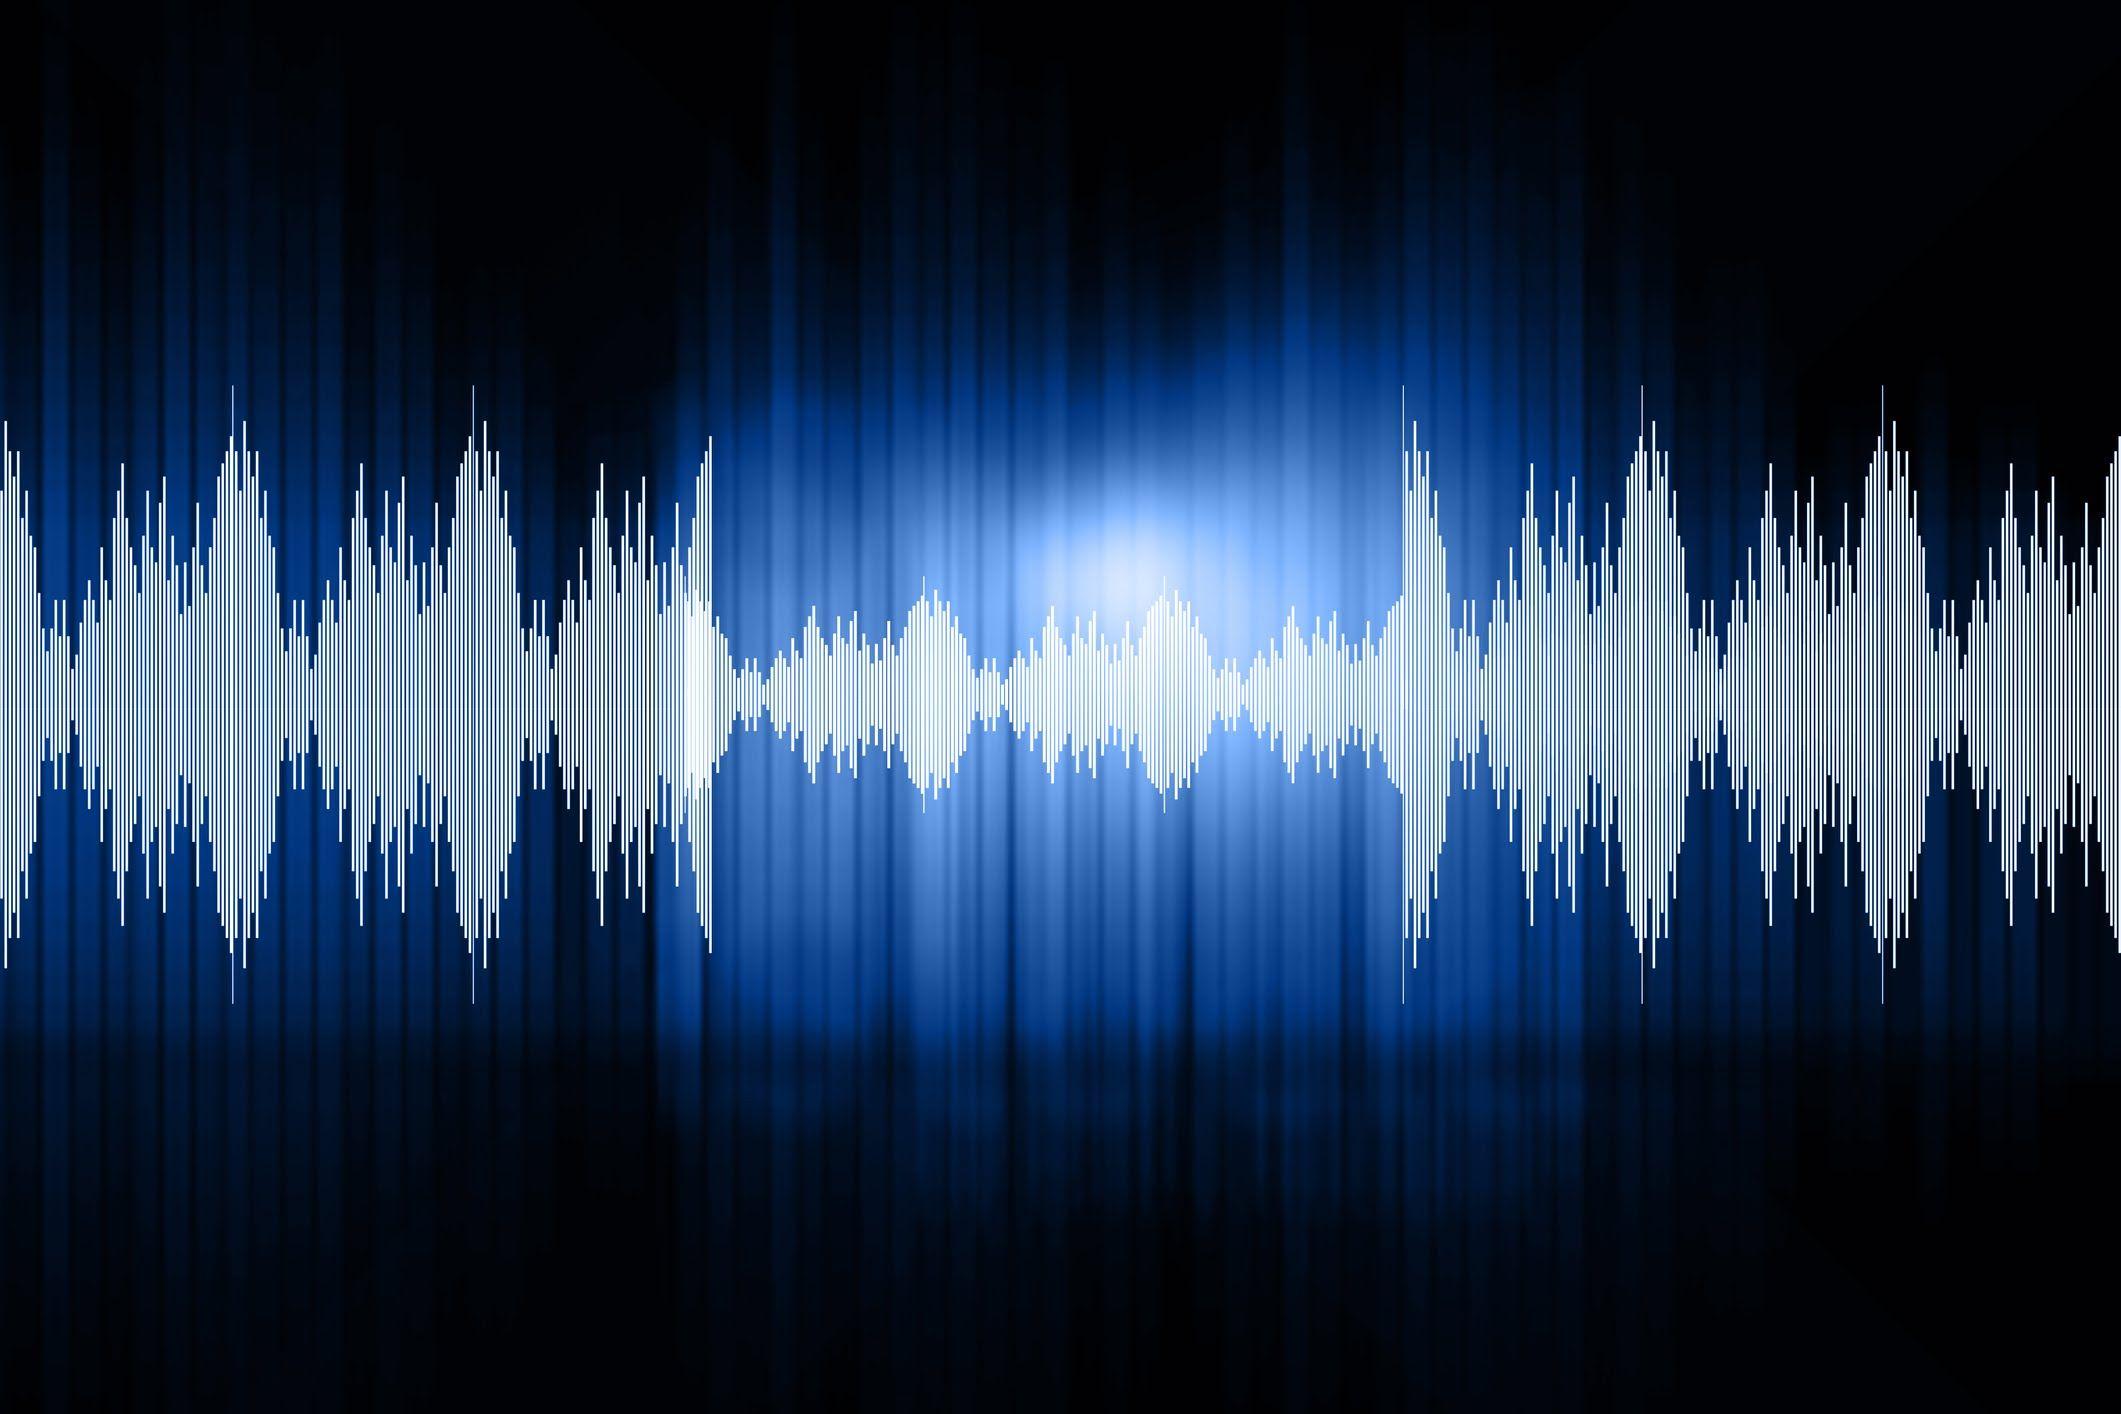 звуковые волны картинка